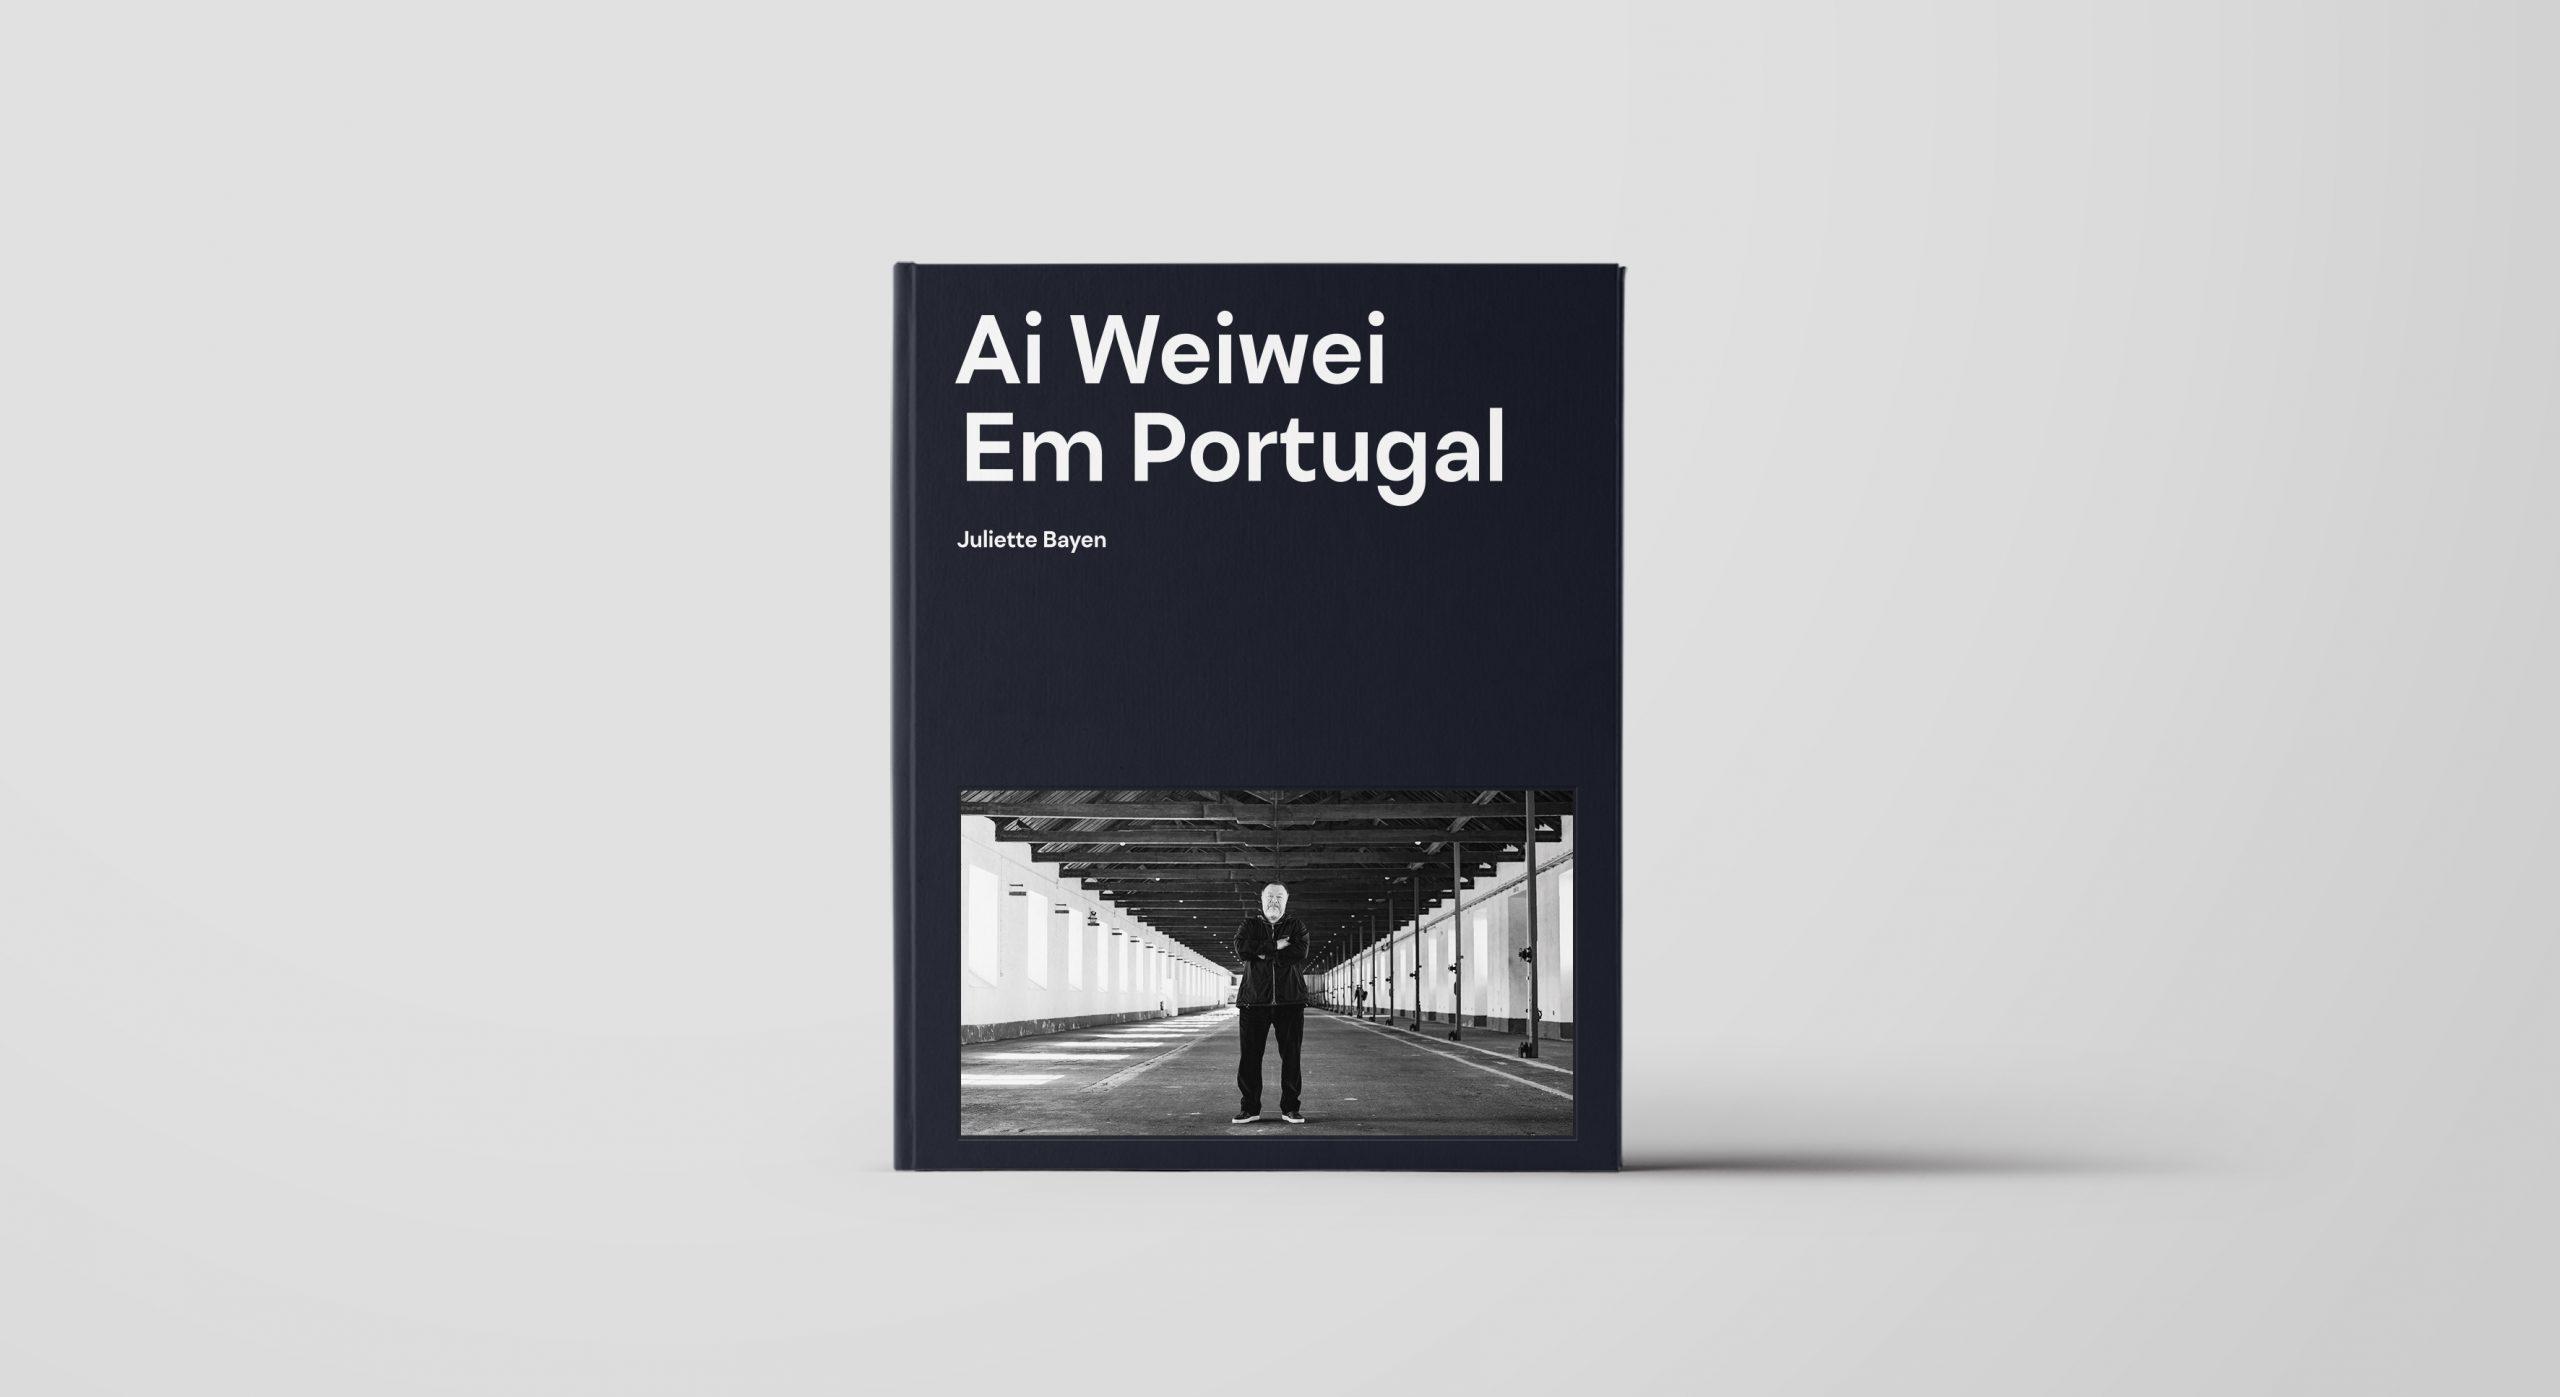 """Vai ser lançado livro com fotografia de Juliette Bayen sobre o trabalho de """"Ai Weiwei em Portugal"""""""